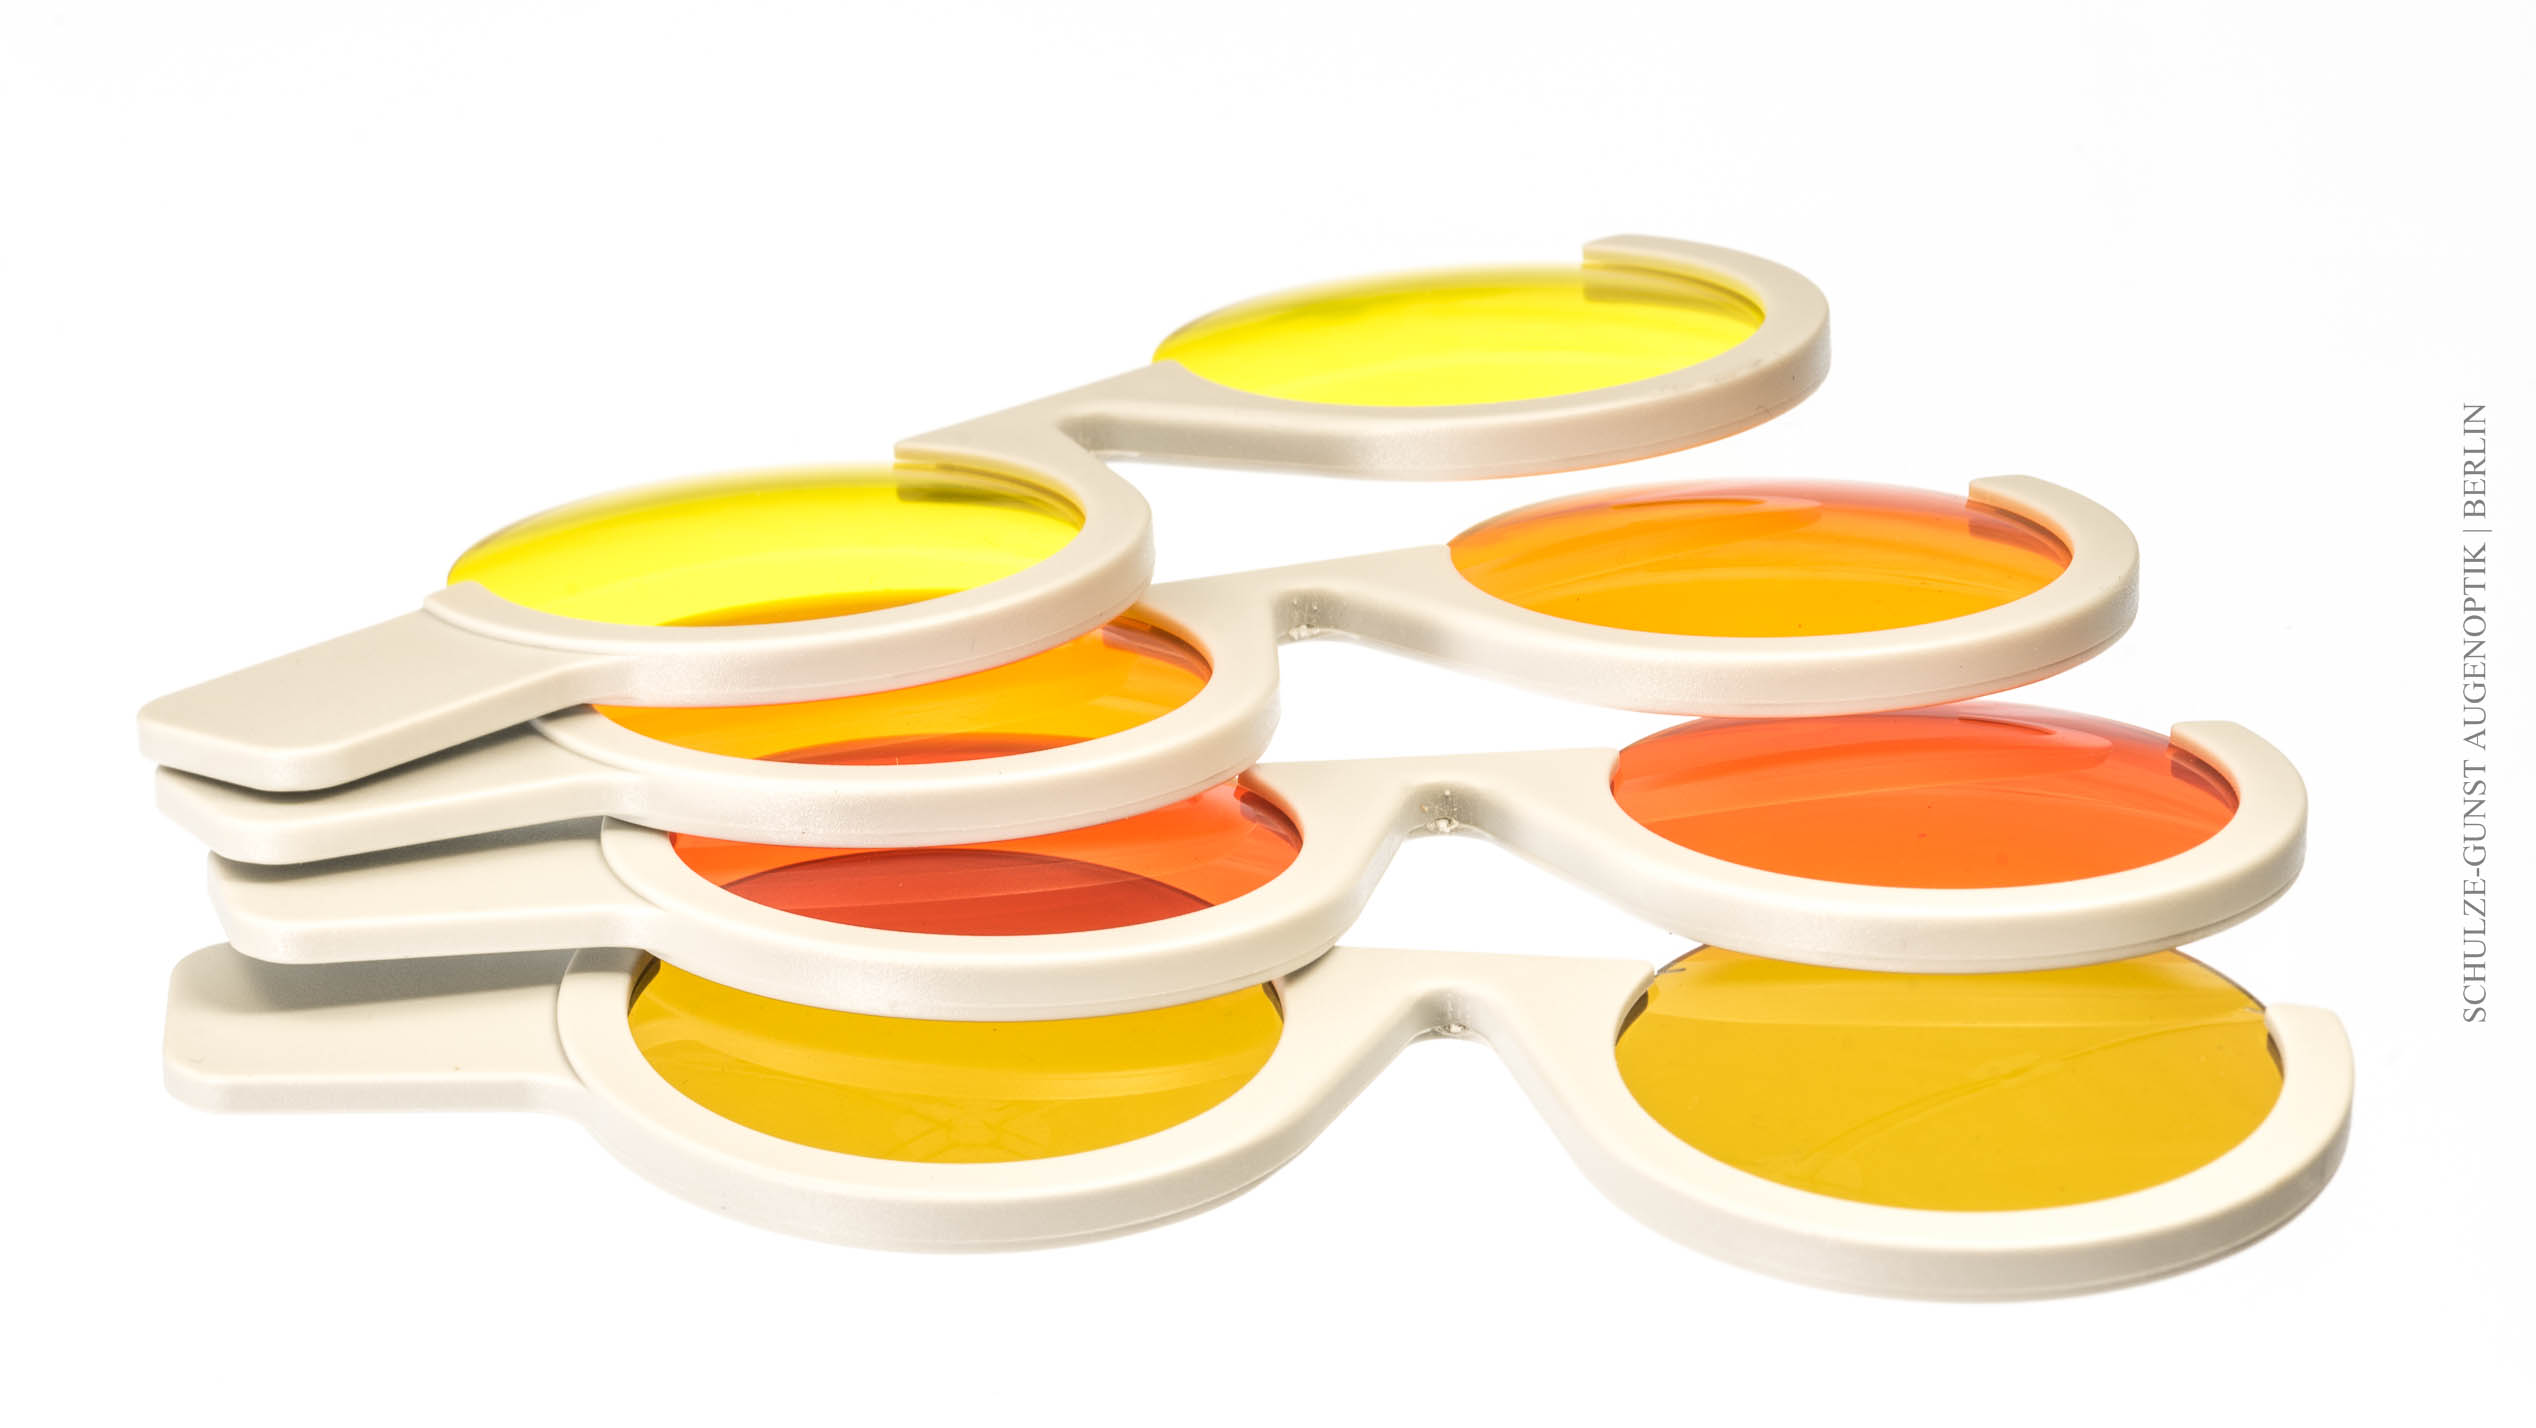 Kantenfilter - vergrößernde Sehhilfen